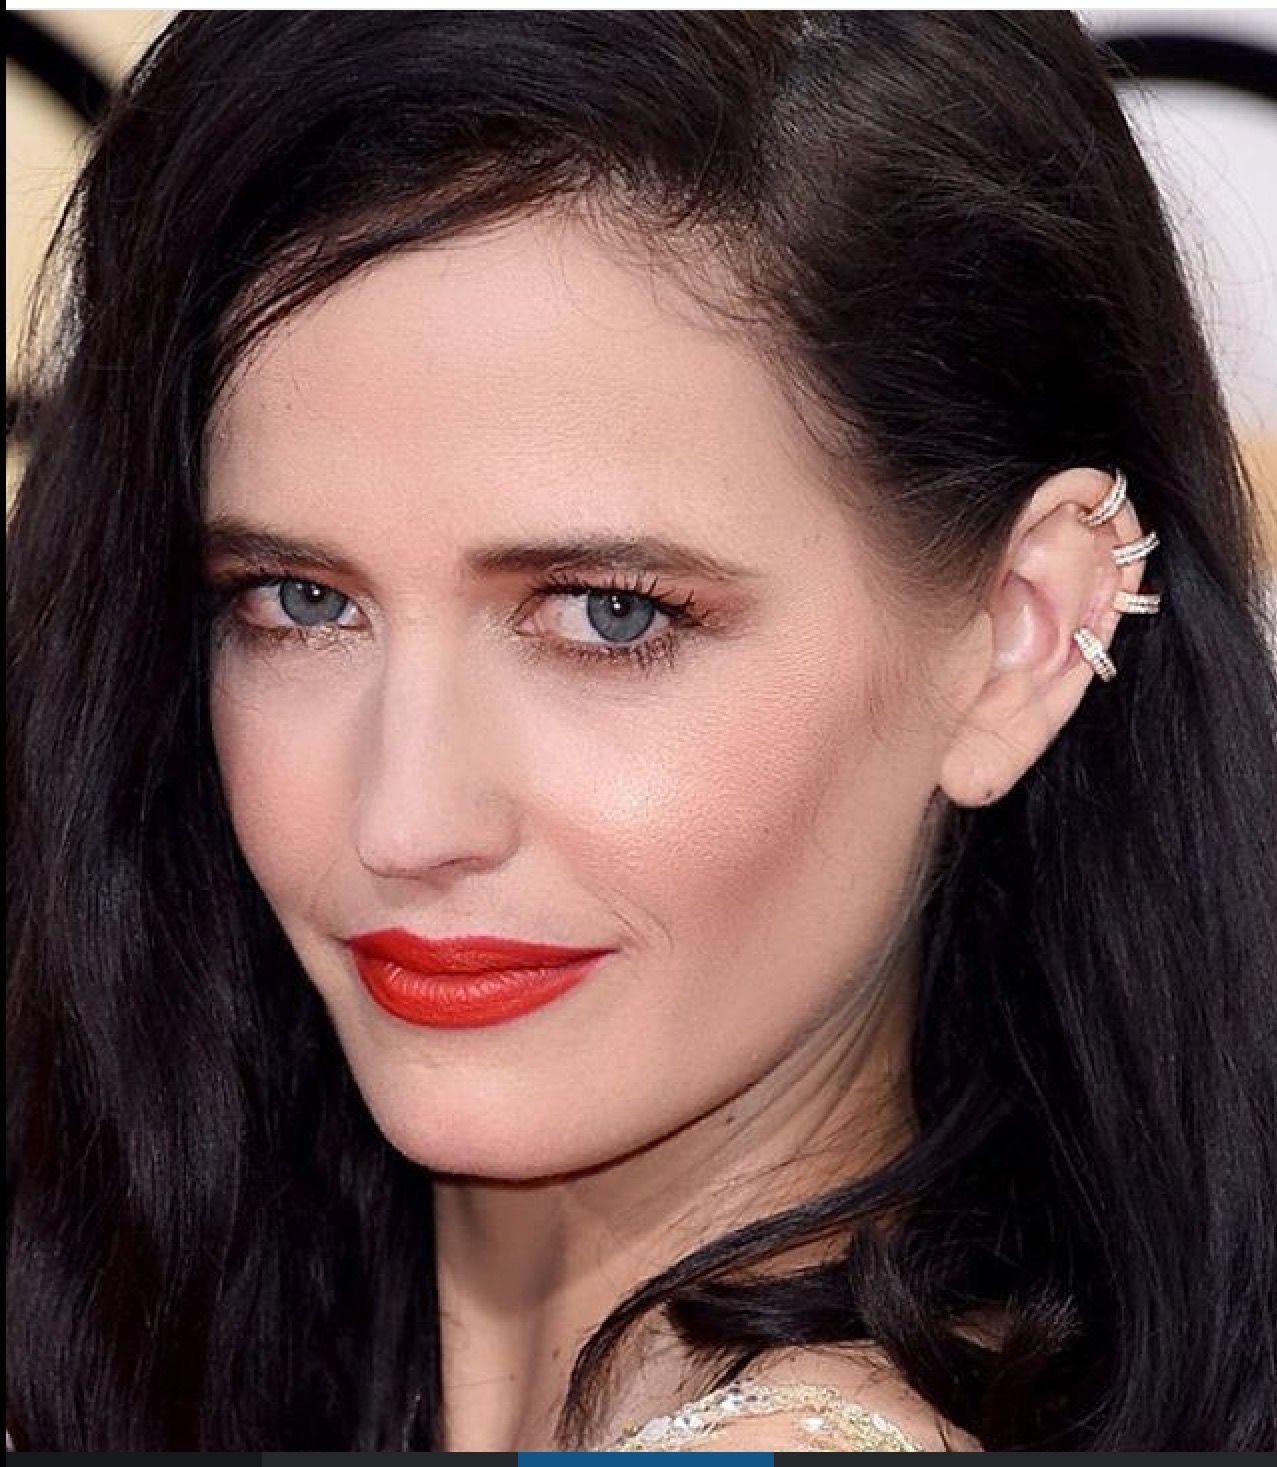 Épinglé par Jennifer McCloskey sur Beauty Makeup